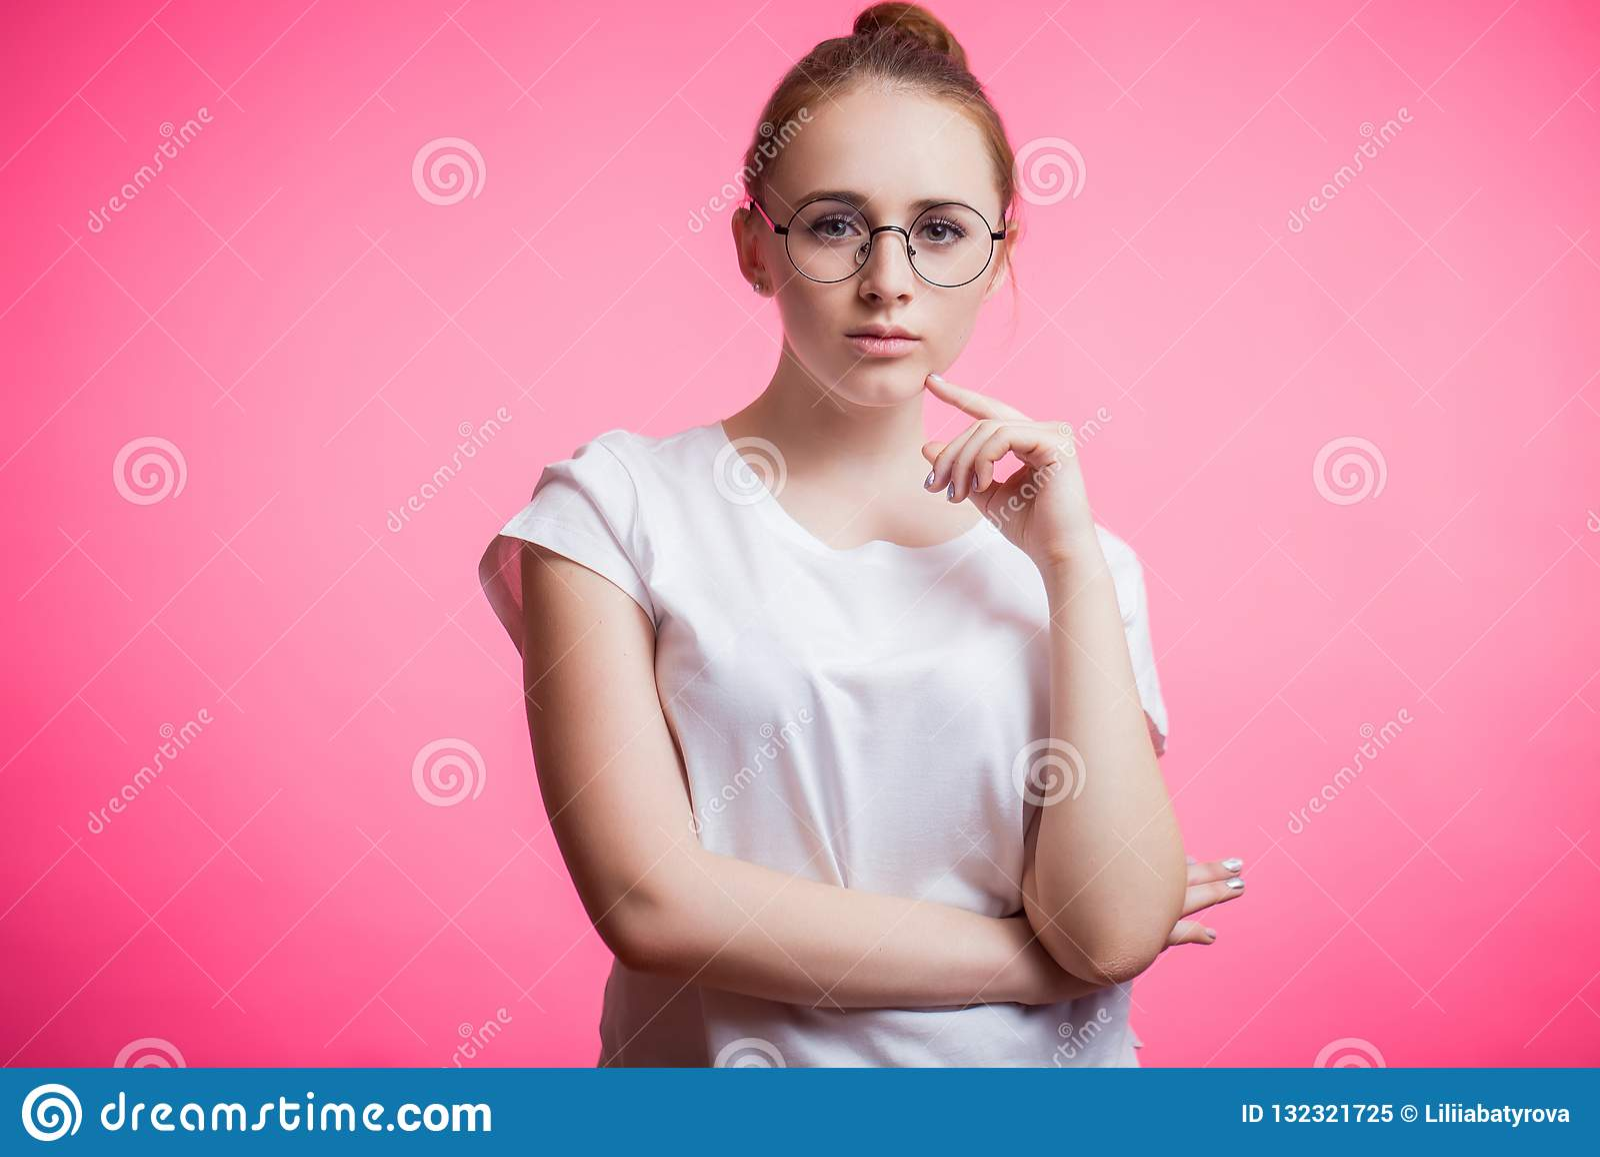 Horisontalstående av en härlig ung kvinna som bär runda exponeringsglas, en vit skjorta och ser kameran på en rosa bakgrund